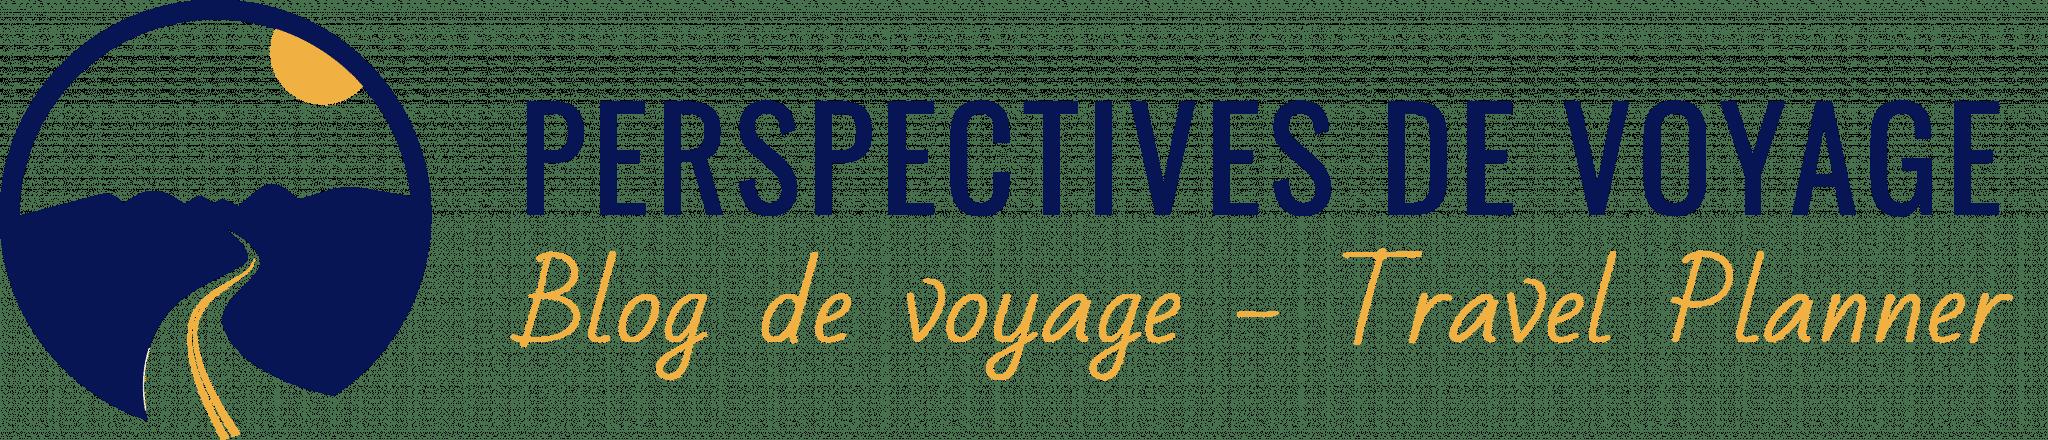 Perspectives de voyage - Blog de voyage - Travel Planner